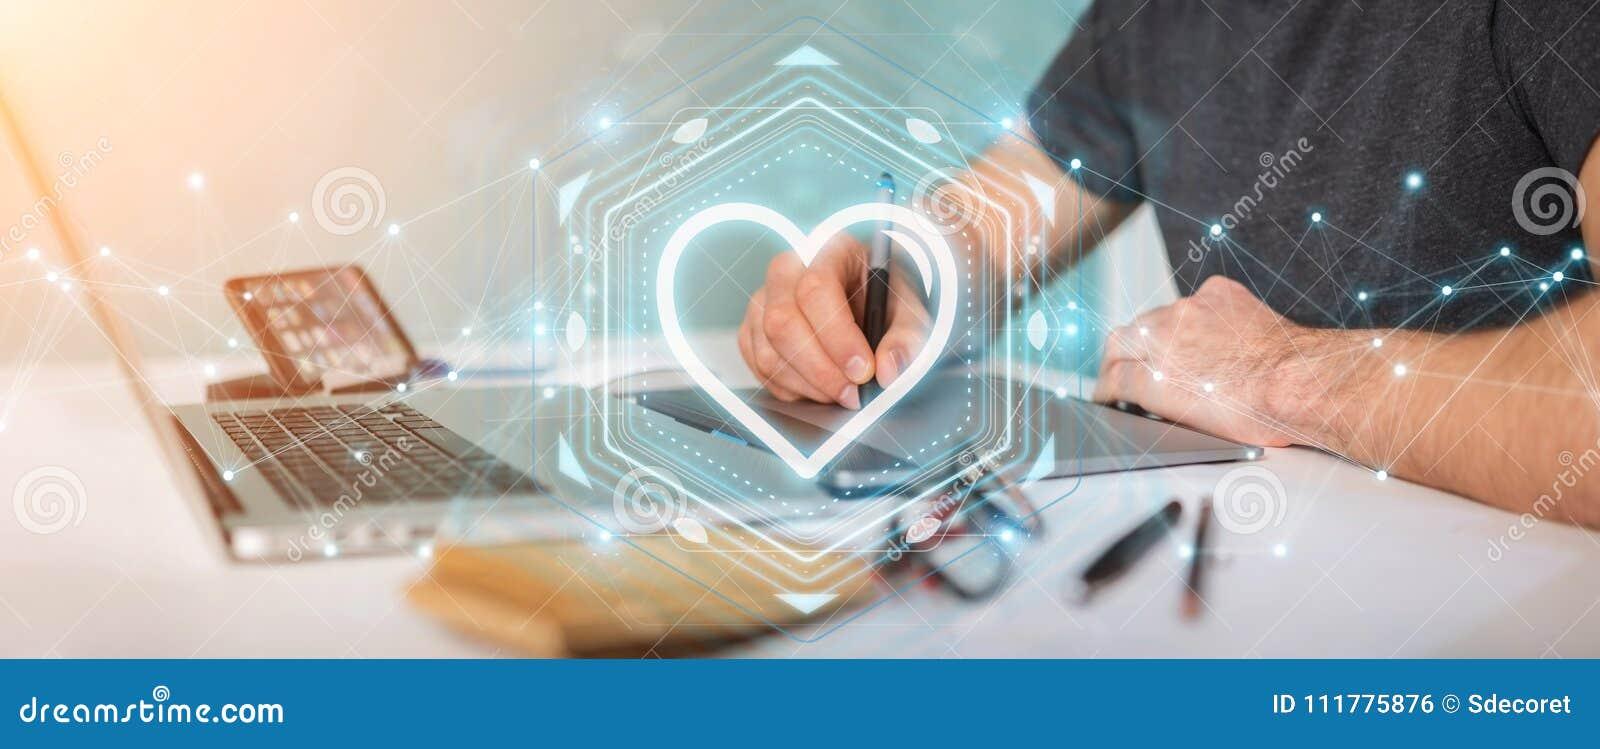 Γραφική χρησιμοποίηση σχεδιαστών που χρονολογεί την εφαρμογή για να βρεθεί σε απευθείας σύνδεση τρισδιάστατος αγάπης